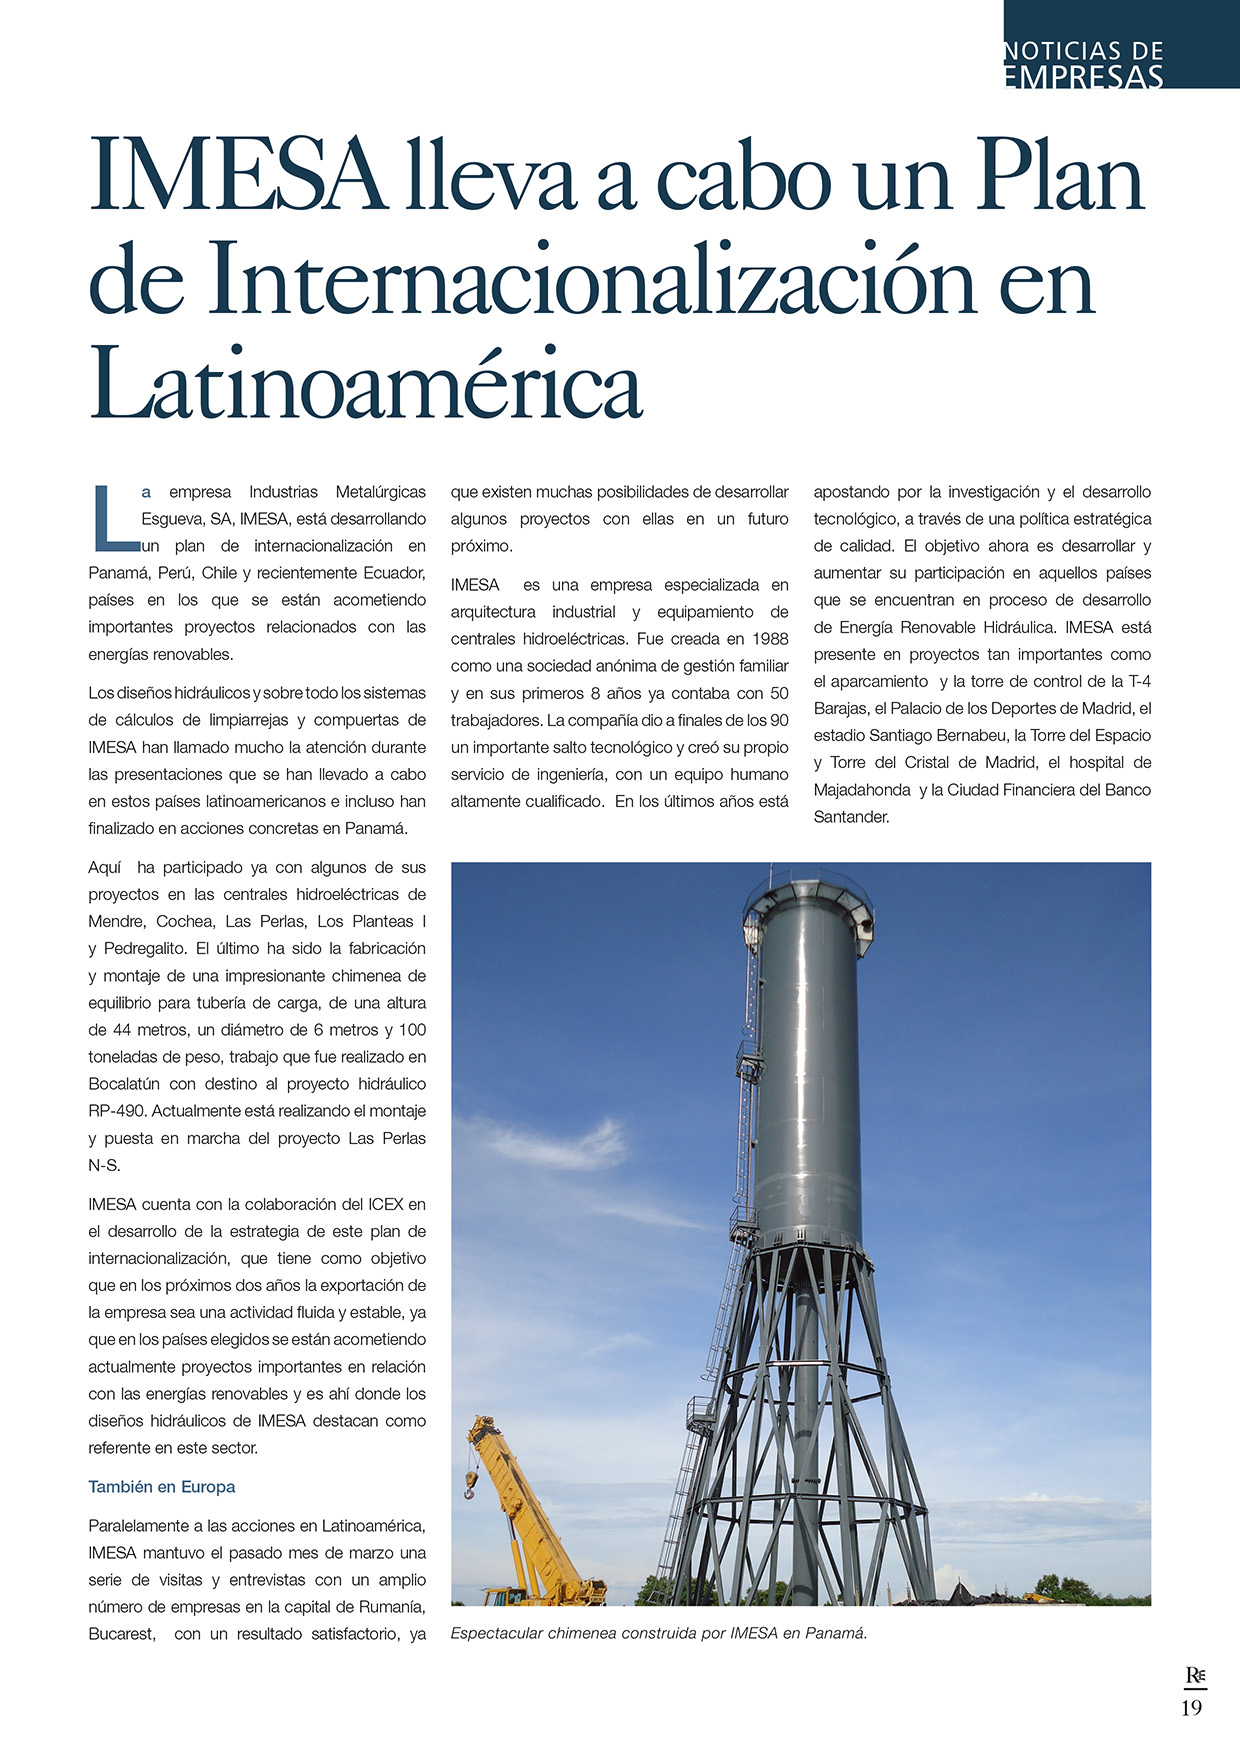 Imesa lleva a cabo un plan de internacionalización en Latinoamérica